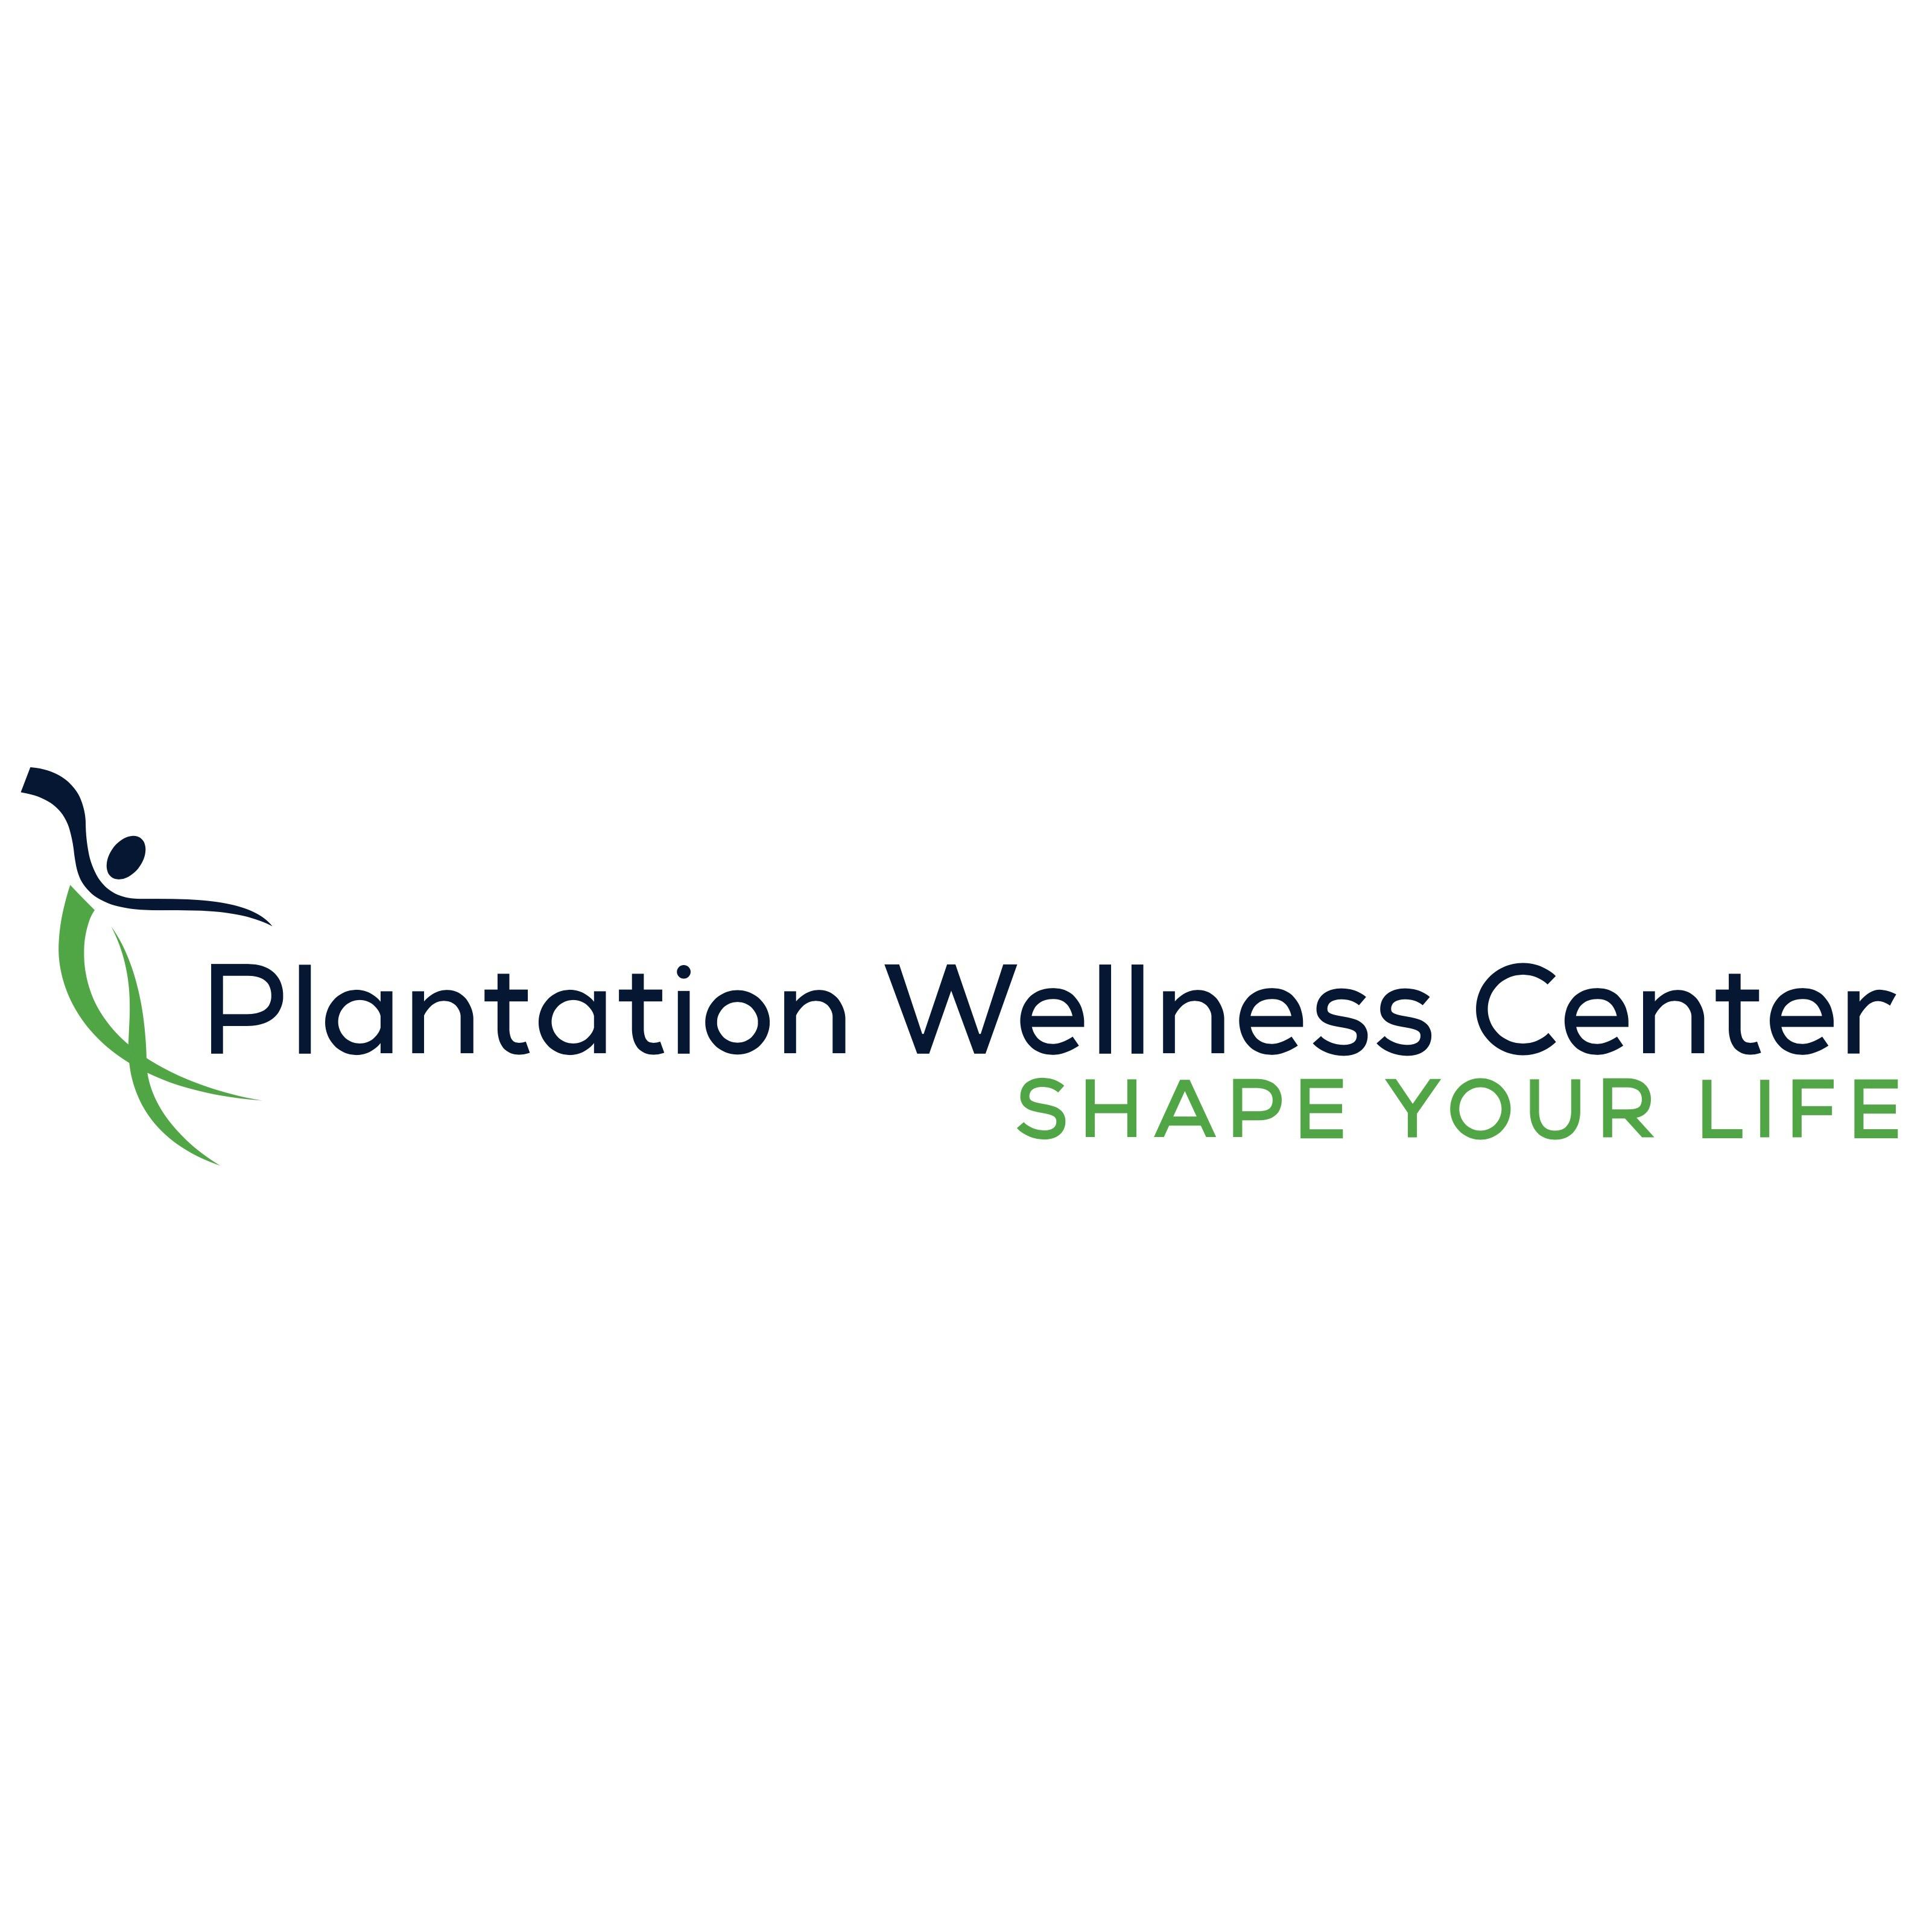 Plantation Wellness Center